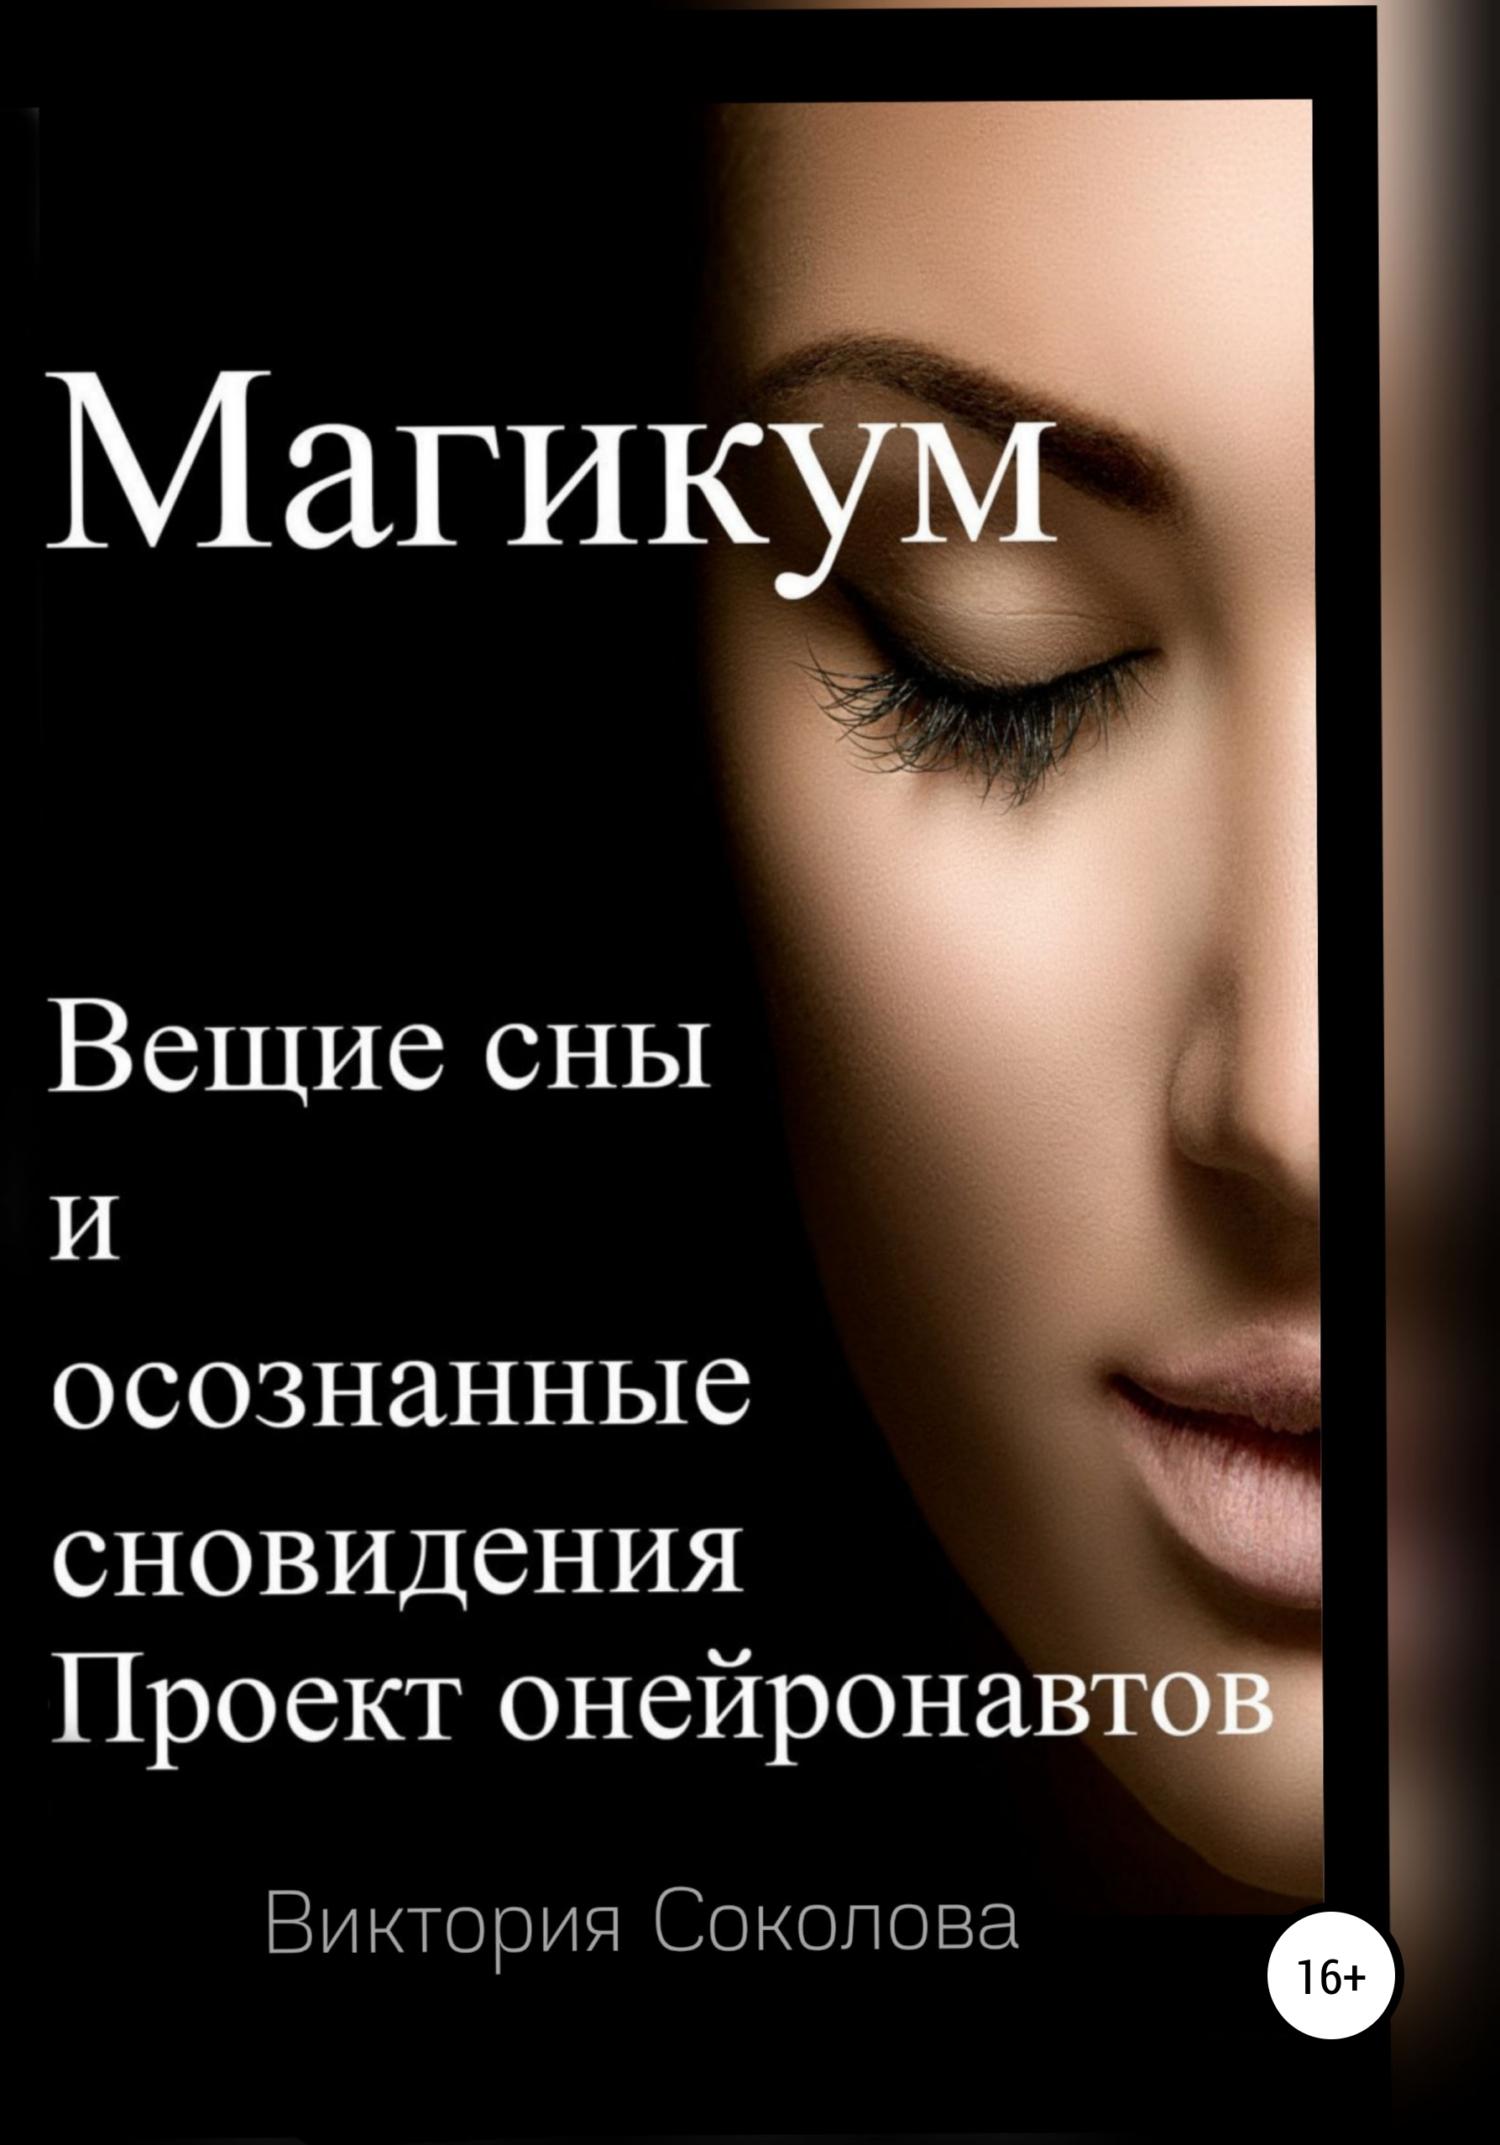 Виктория Соколова Магикум. Вещие сны и осознанные сновидения. Теория и практика алексанова м вещий сон по заказу практика осознанных видений